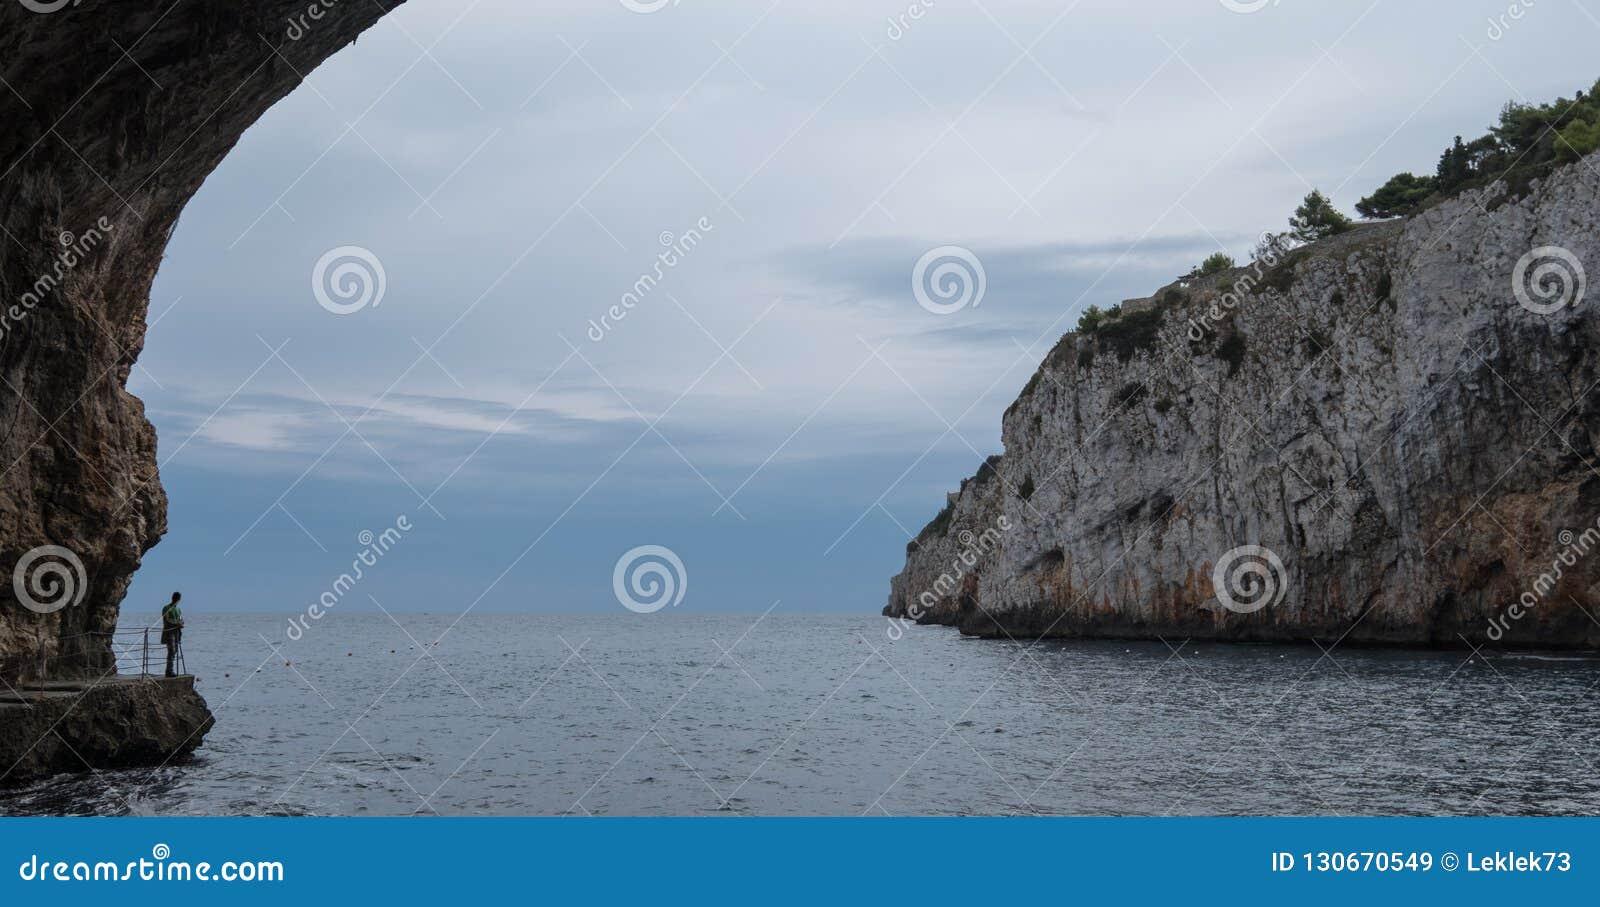 Cuevas de Zinzulusa, cerca de Castro en la península de Salento en Puglia, Italia La persona se coloca en tablón de cuadrilla en